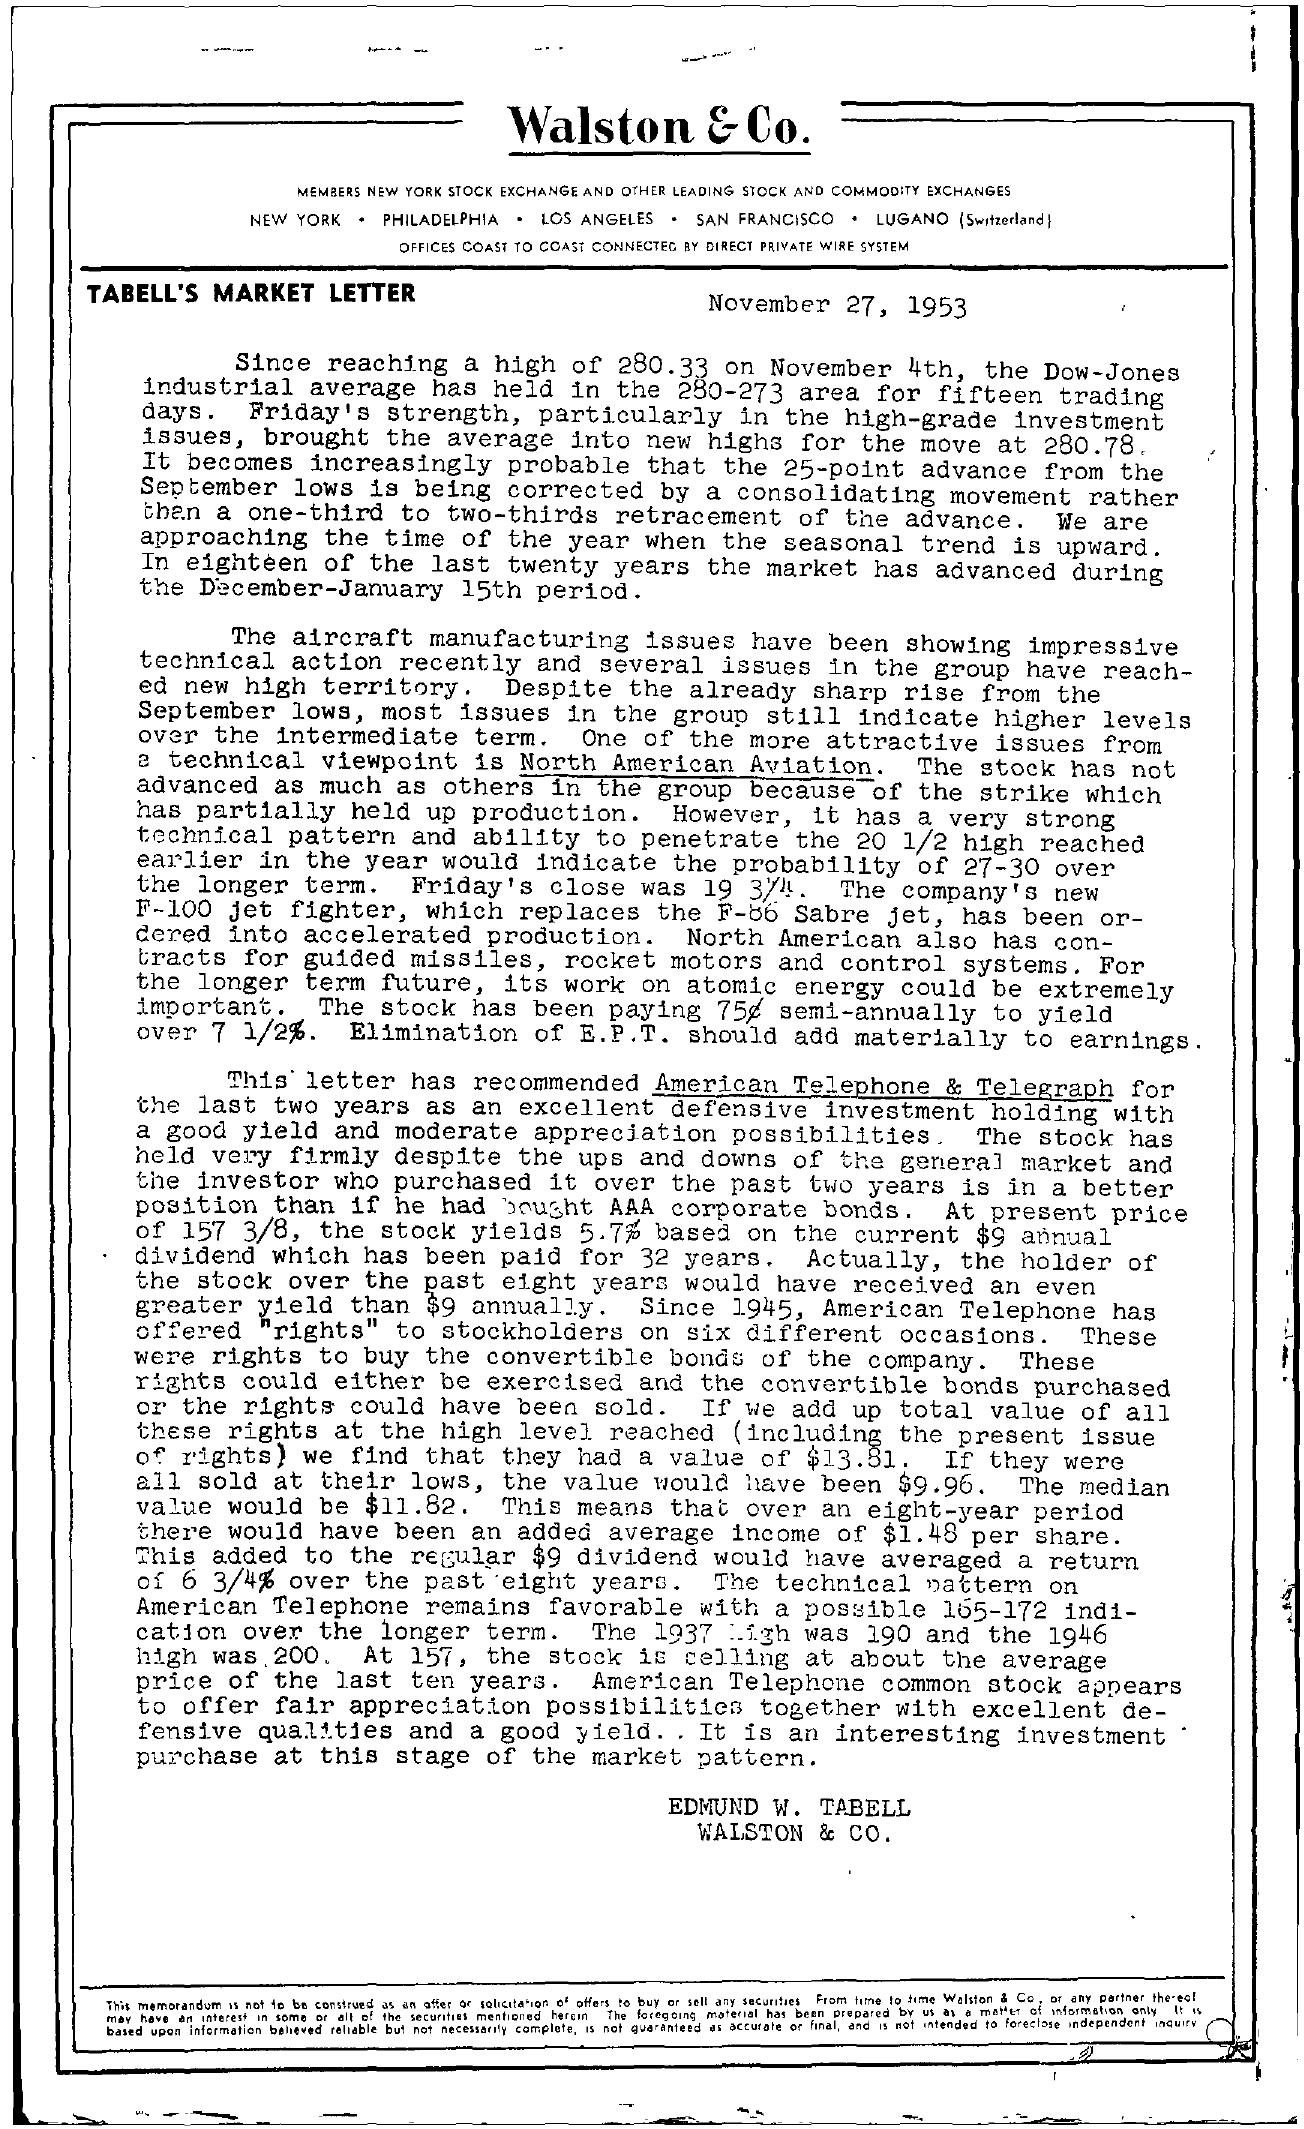 Tabell's Market Letter - November 27, 1953